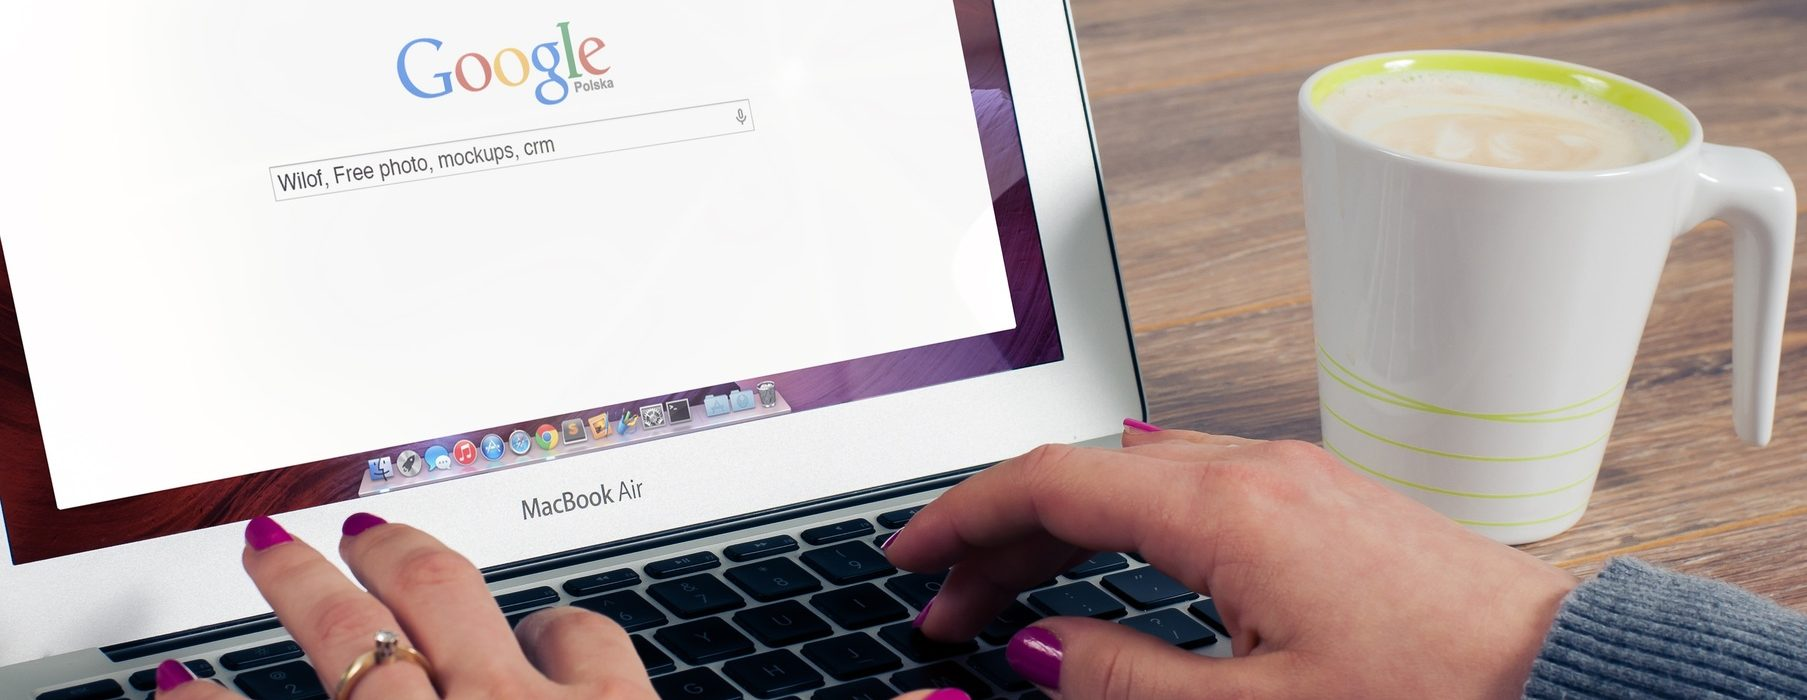 Seguimiento de usuarios en sitios web de extrema derecha y extrema izquierda